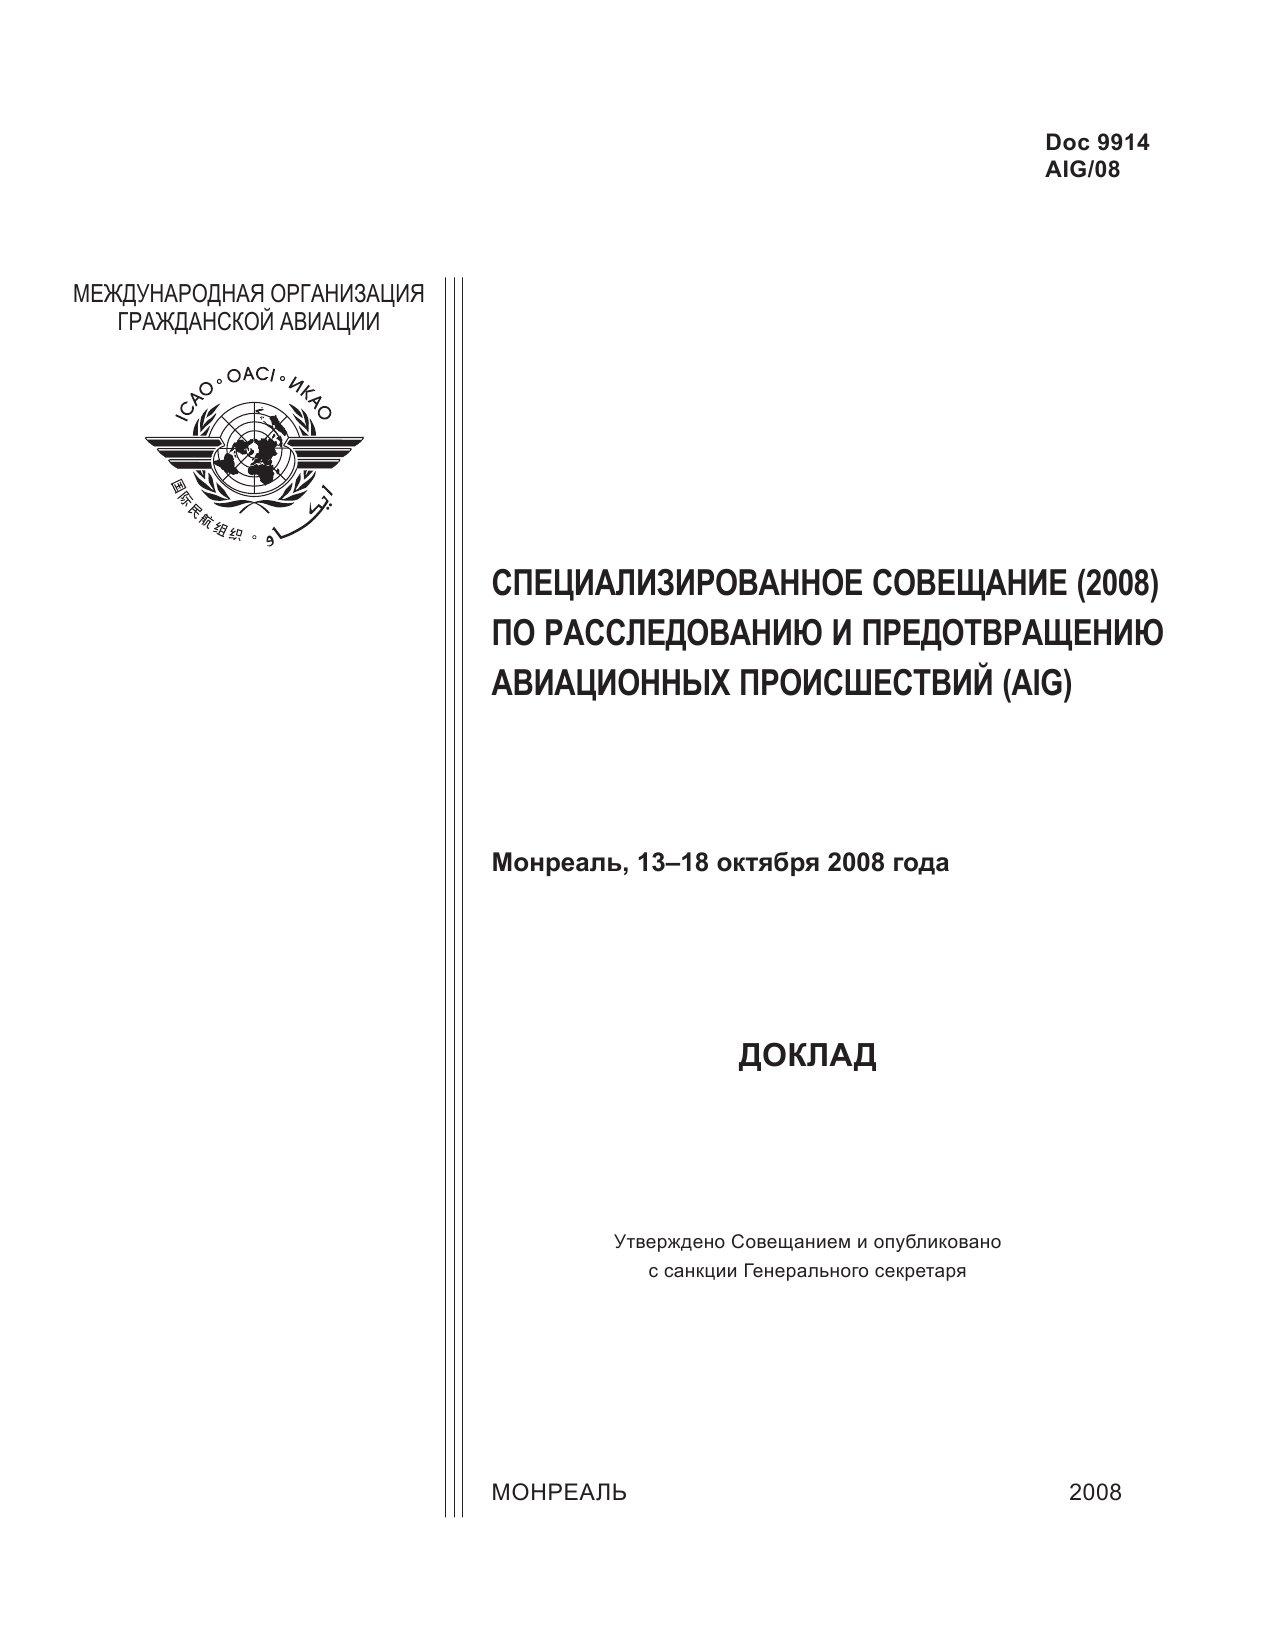 ICAO Doc 9914 Доклад Специализированного совещания (2008) по расследованию и предотвращению авиационных происшествий (AIG). Монреаль, 13-18 октября 2008 года.